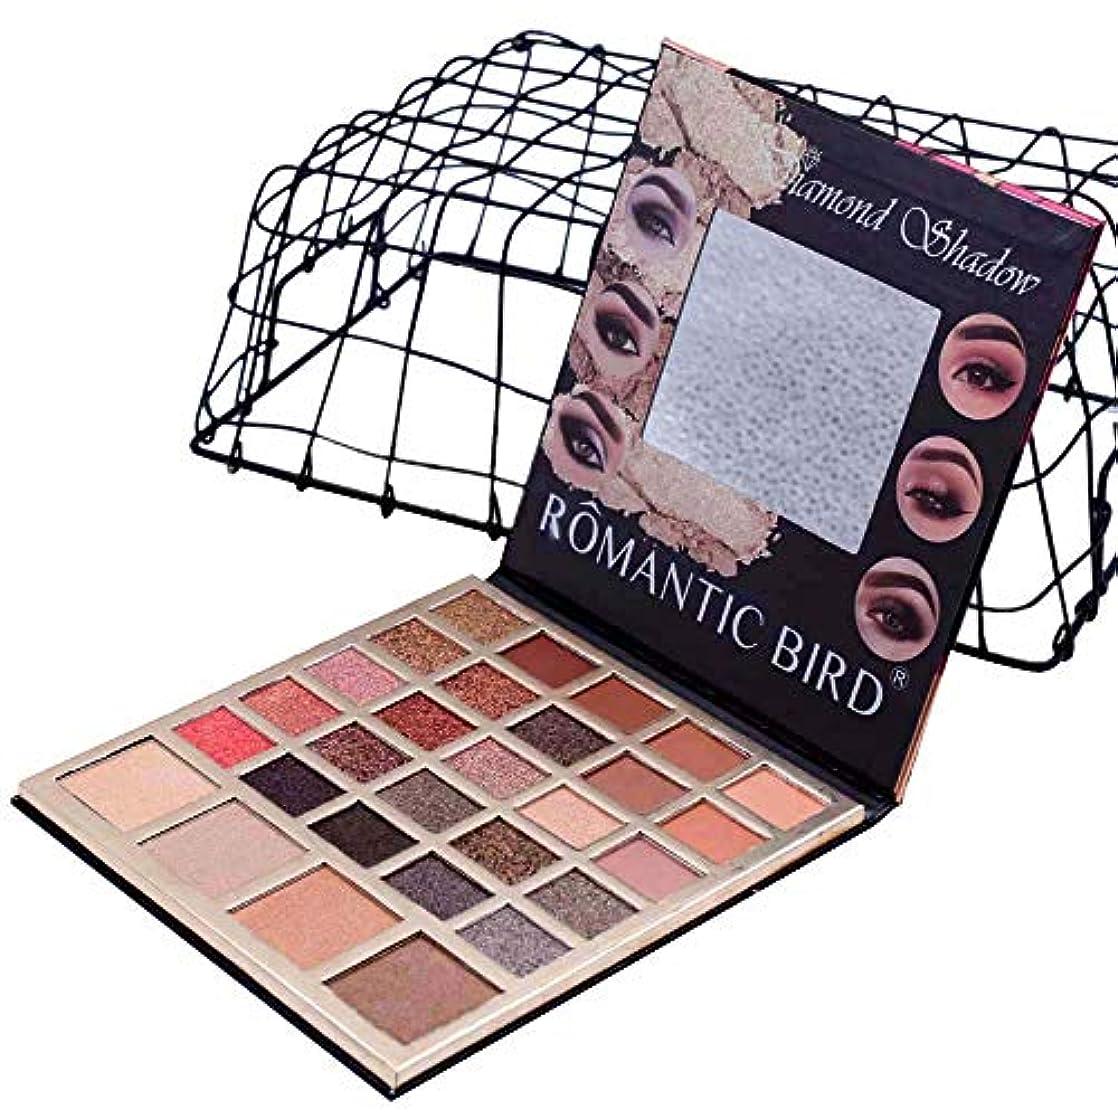 松の木花輪ペルセウスAkane アイシャドウパレット ファッション ROMATIC BIRD 人気 魅力的 綺麗 キラキラ 防水 長持ち マット おしゃれ チャーム 落としにくい 持ち便利 Eye Shadow (29色) 8007